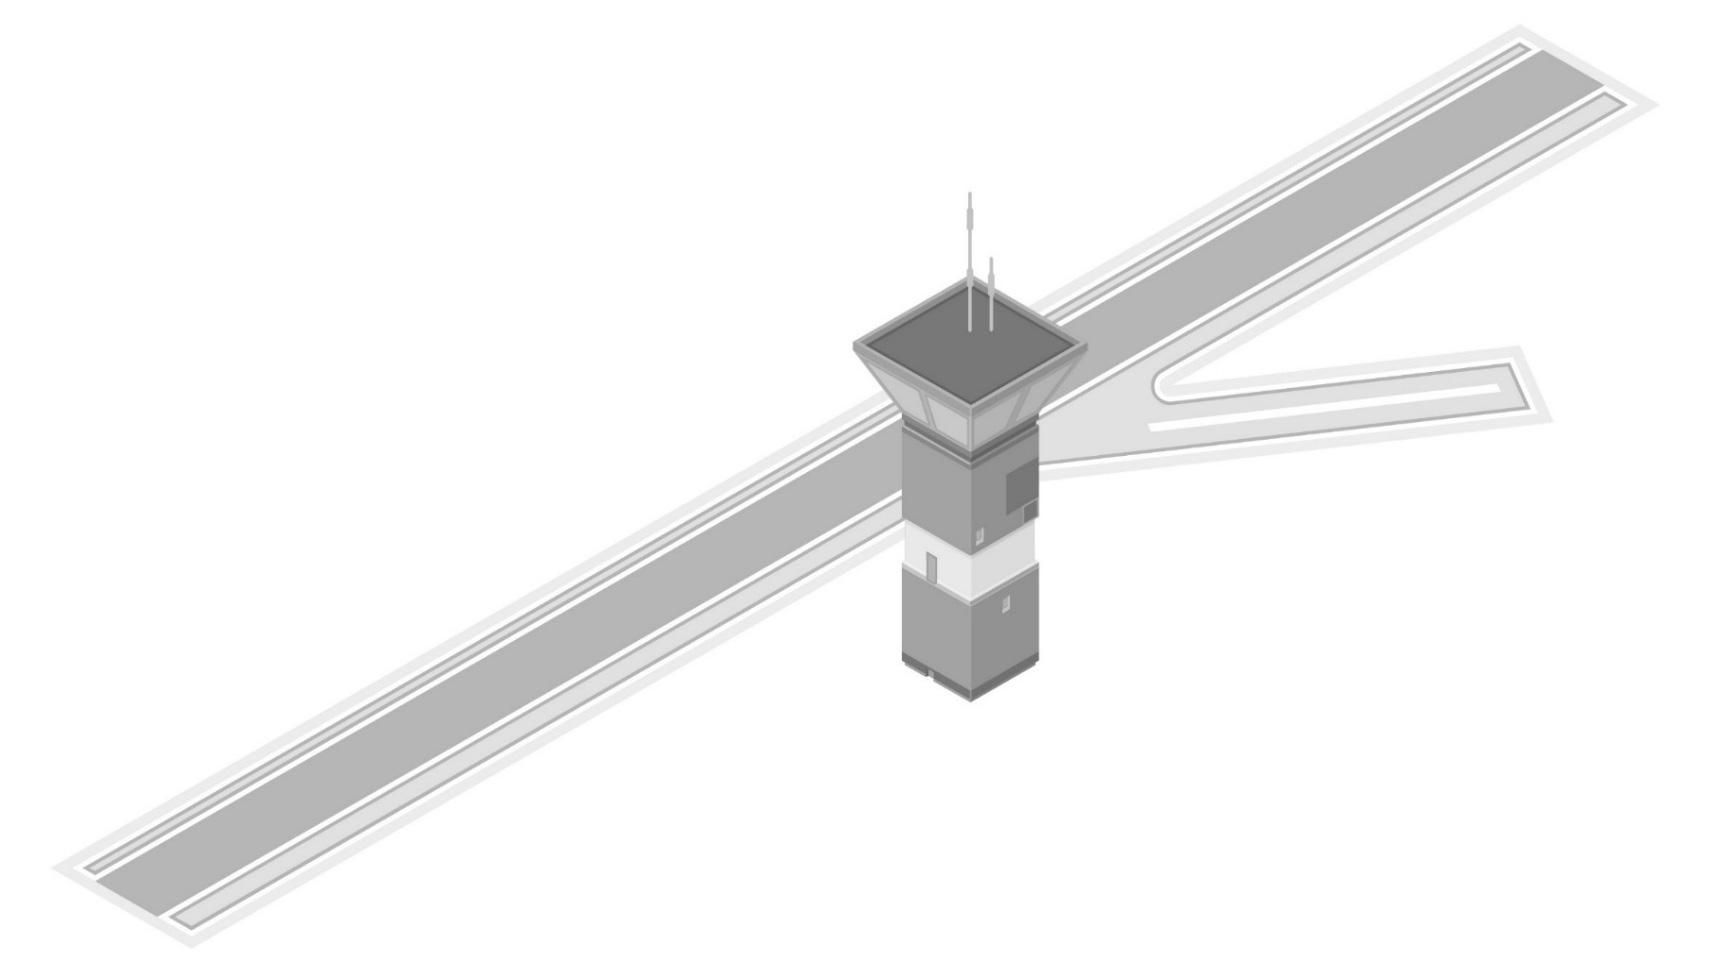 delta-box_aplicaciones_balizaje-aeropuerto-y-helipuerto-visuel-general